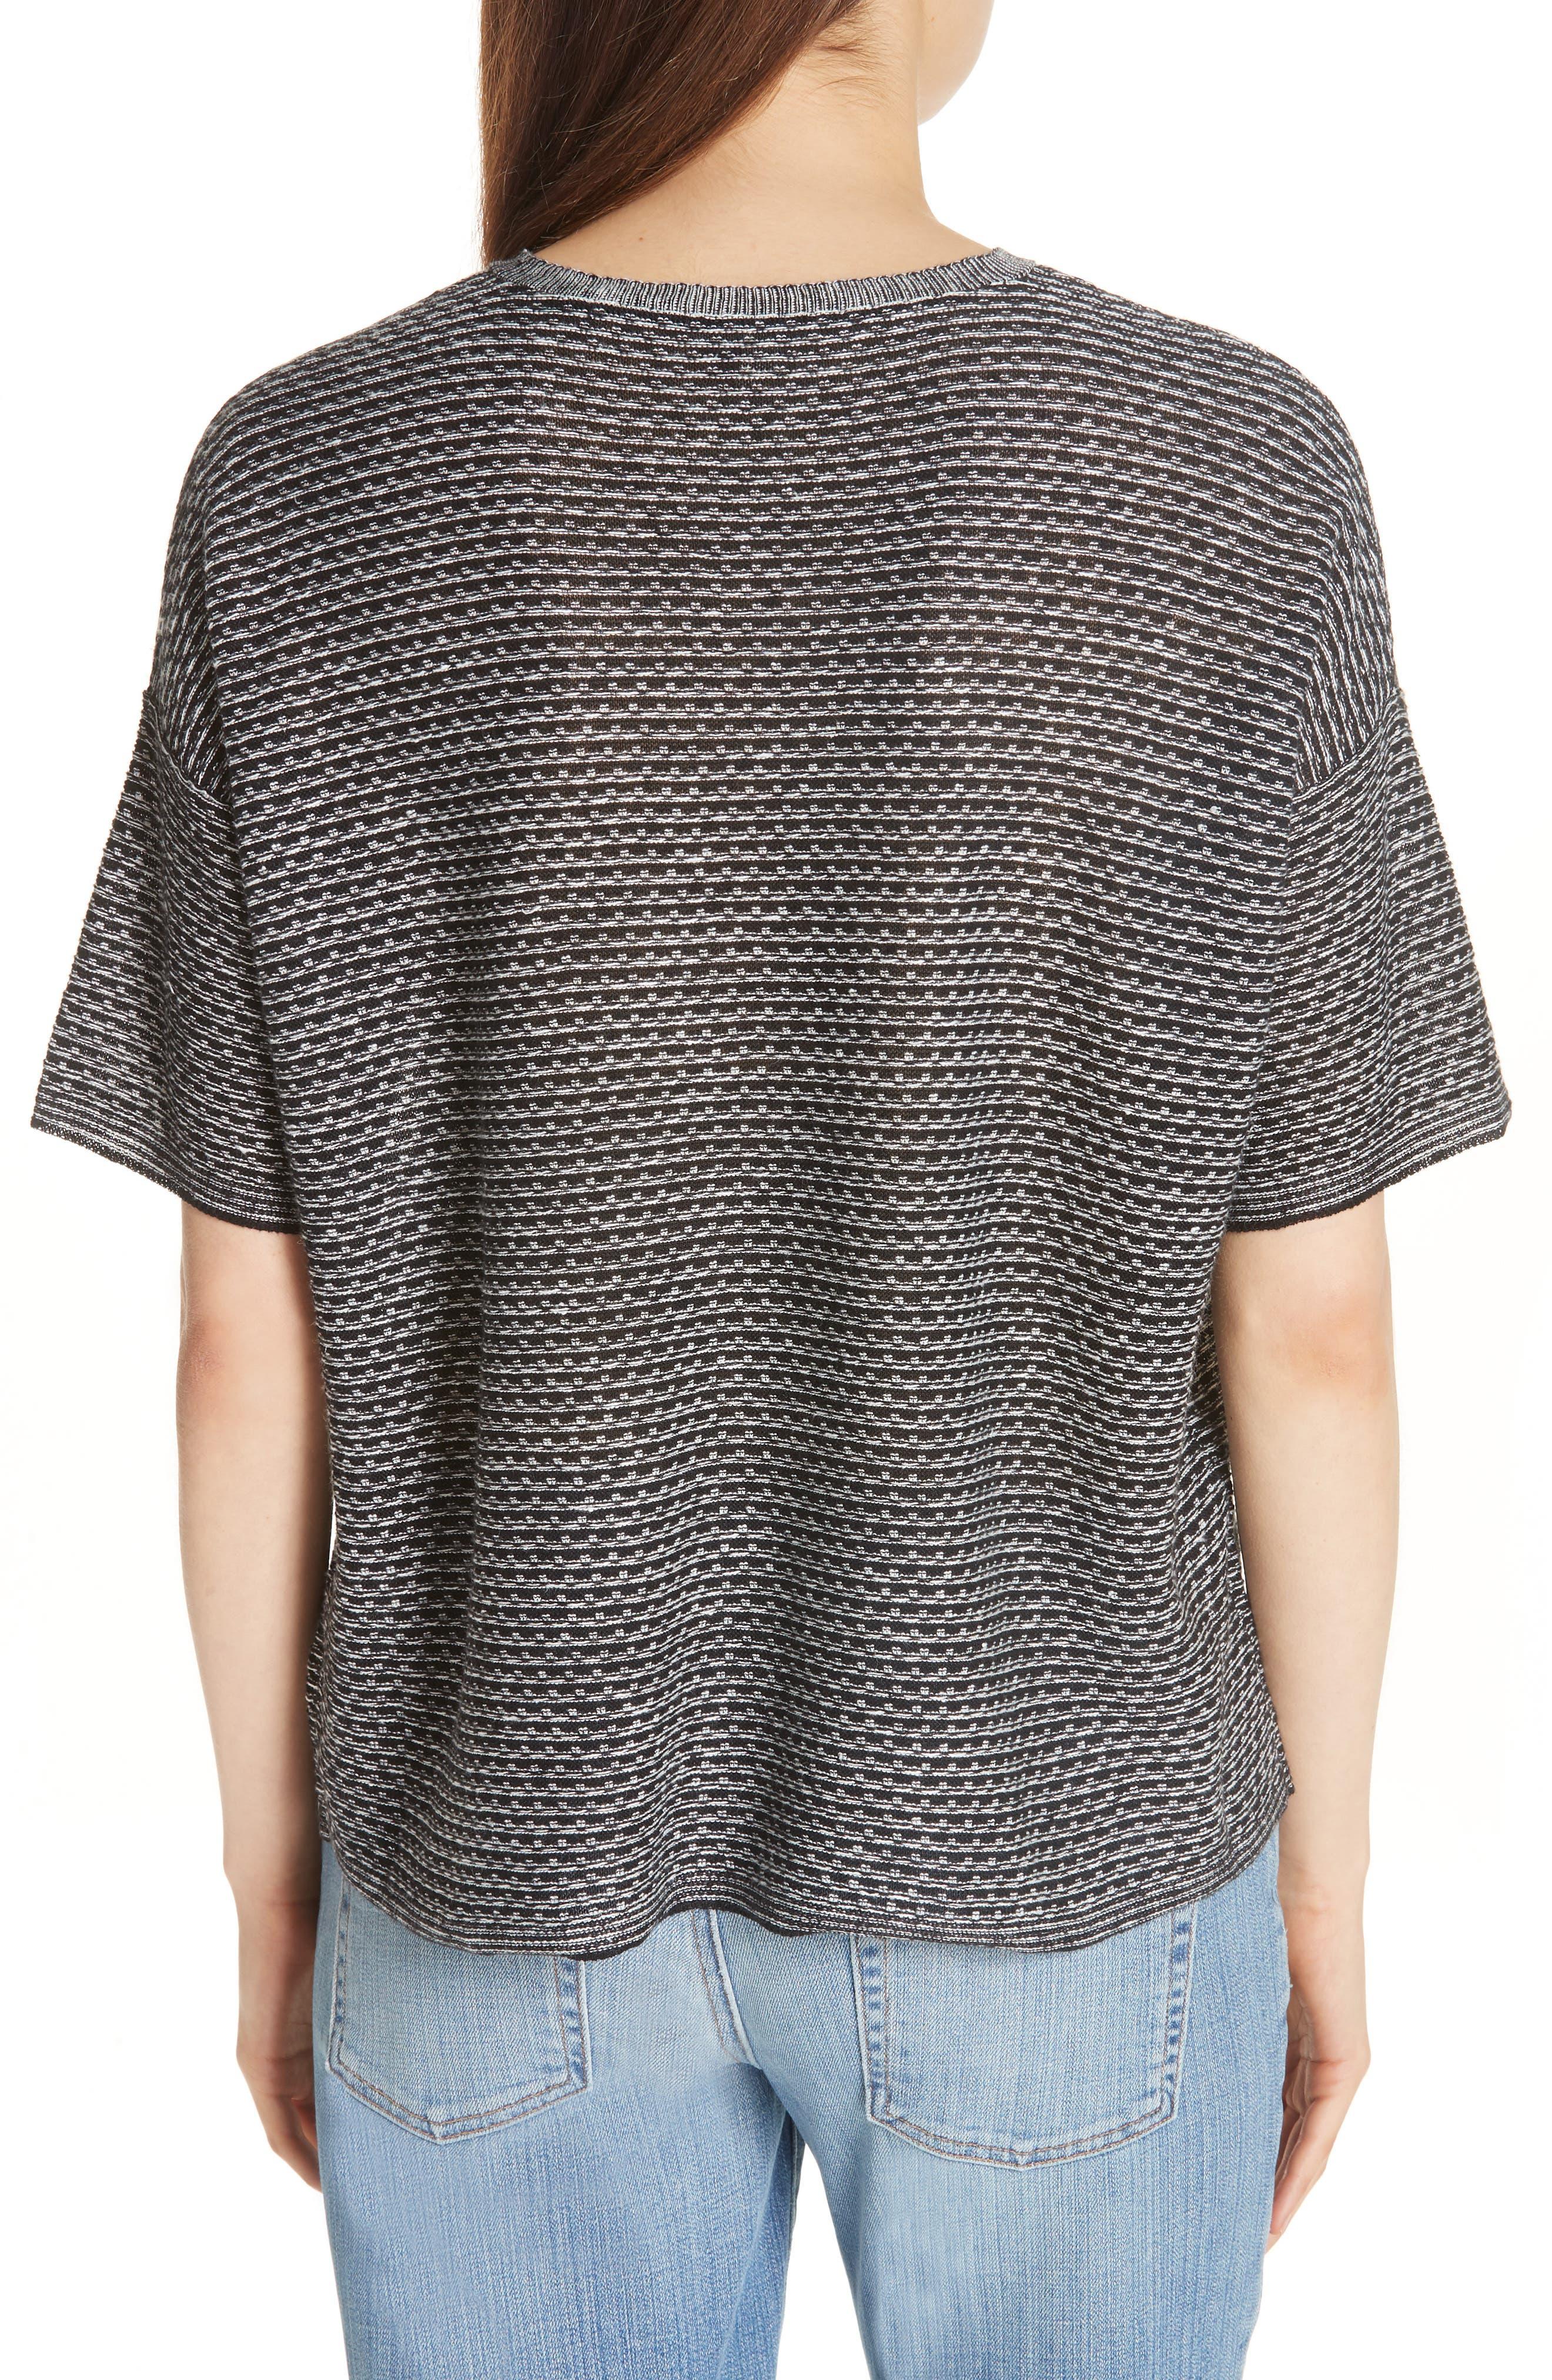 Organic Linen Jacquard Sweater,                             Alternate thumbnail 2, color,